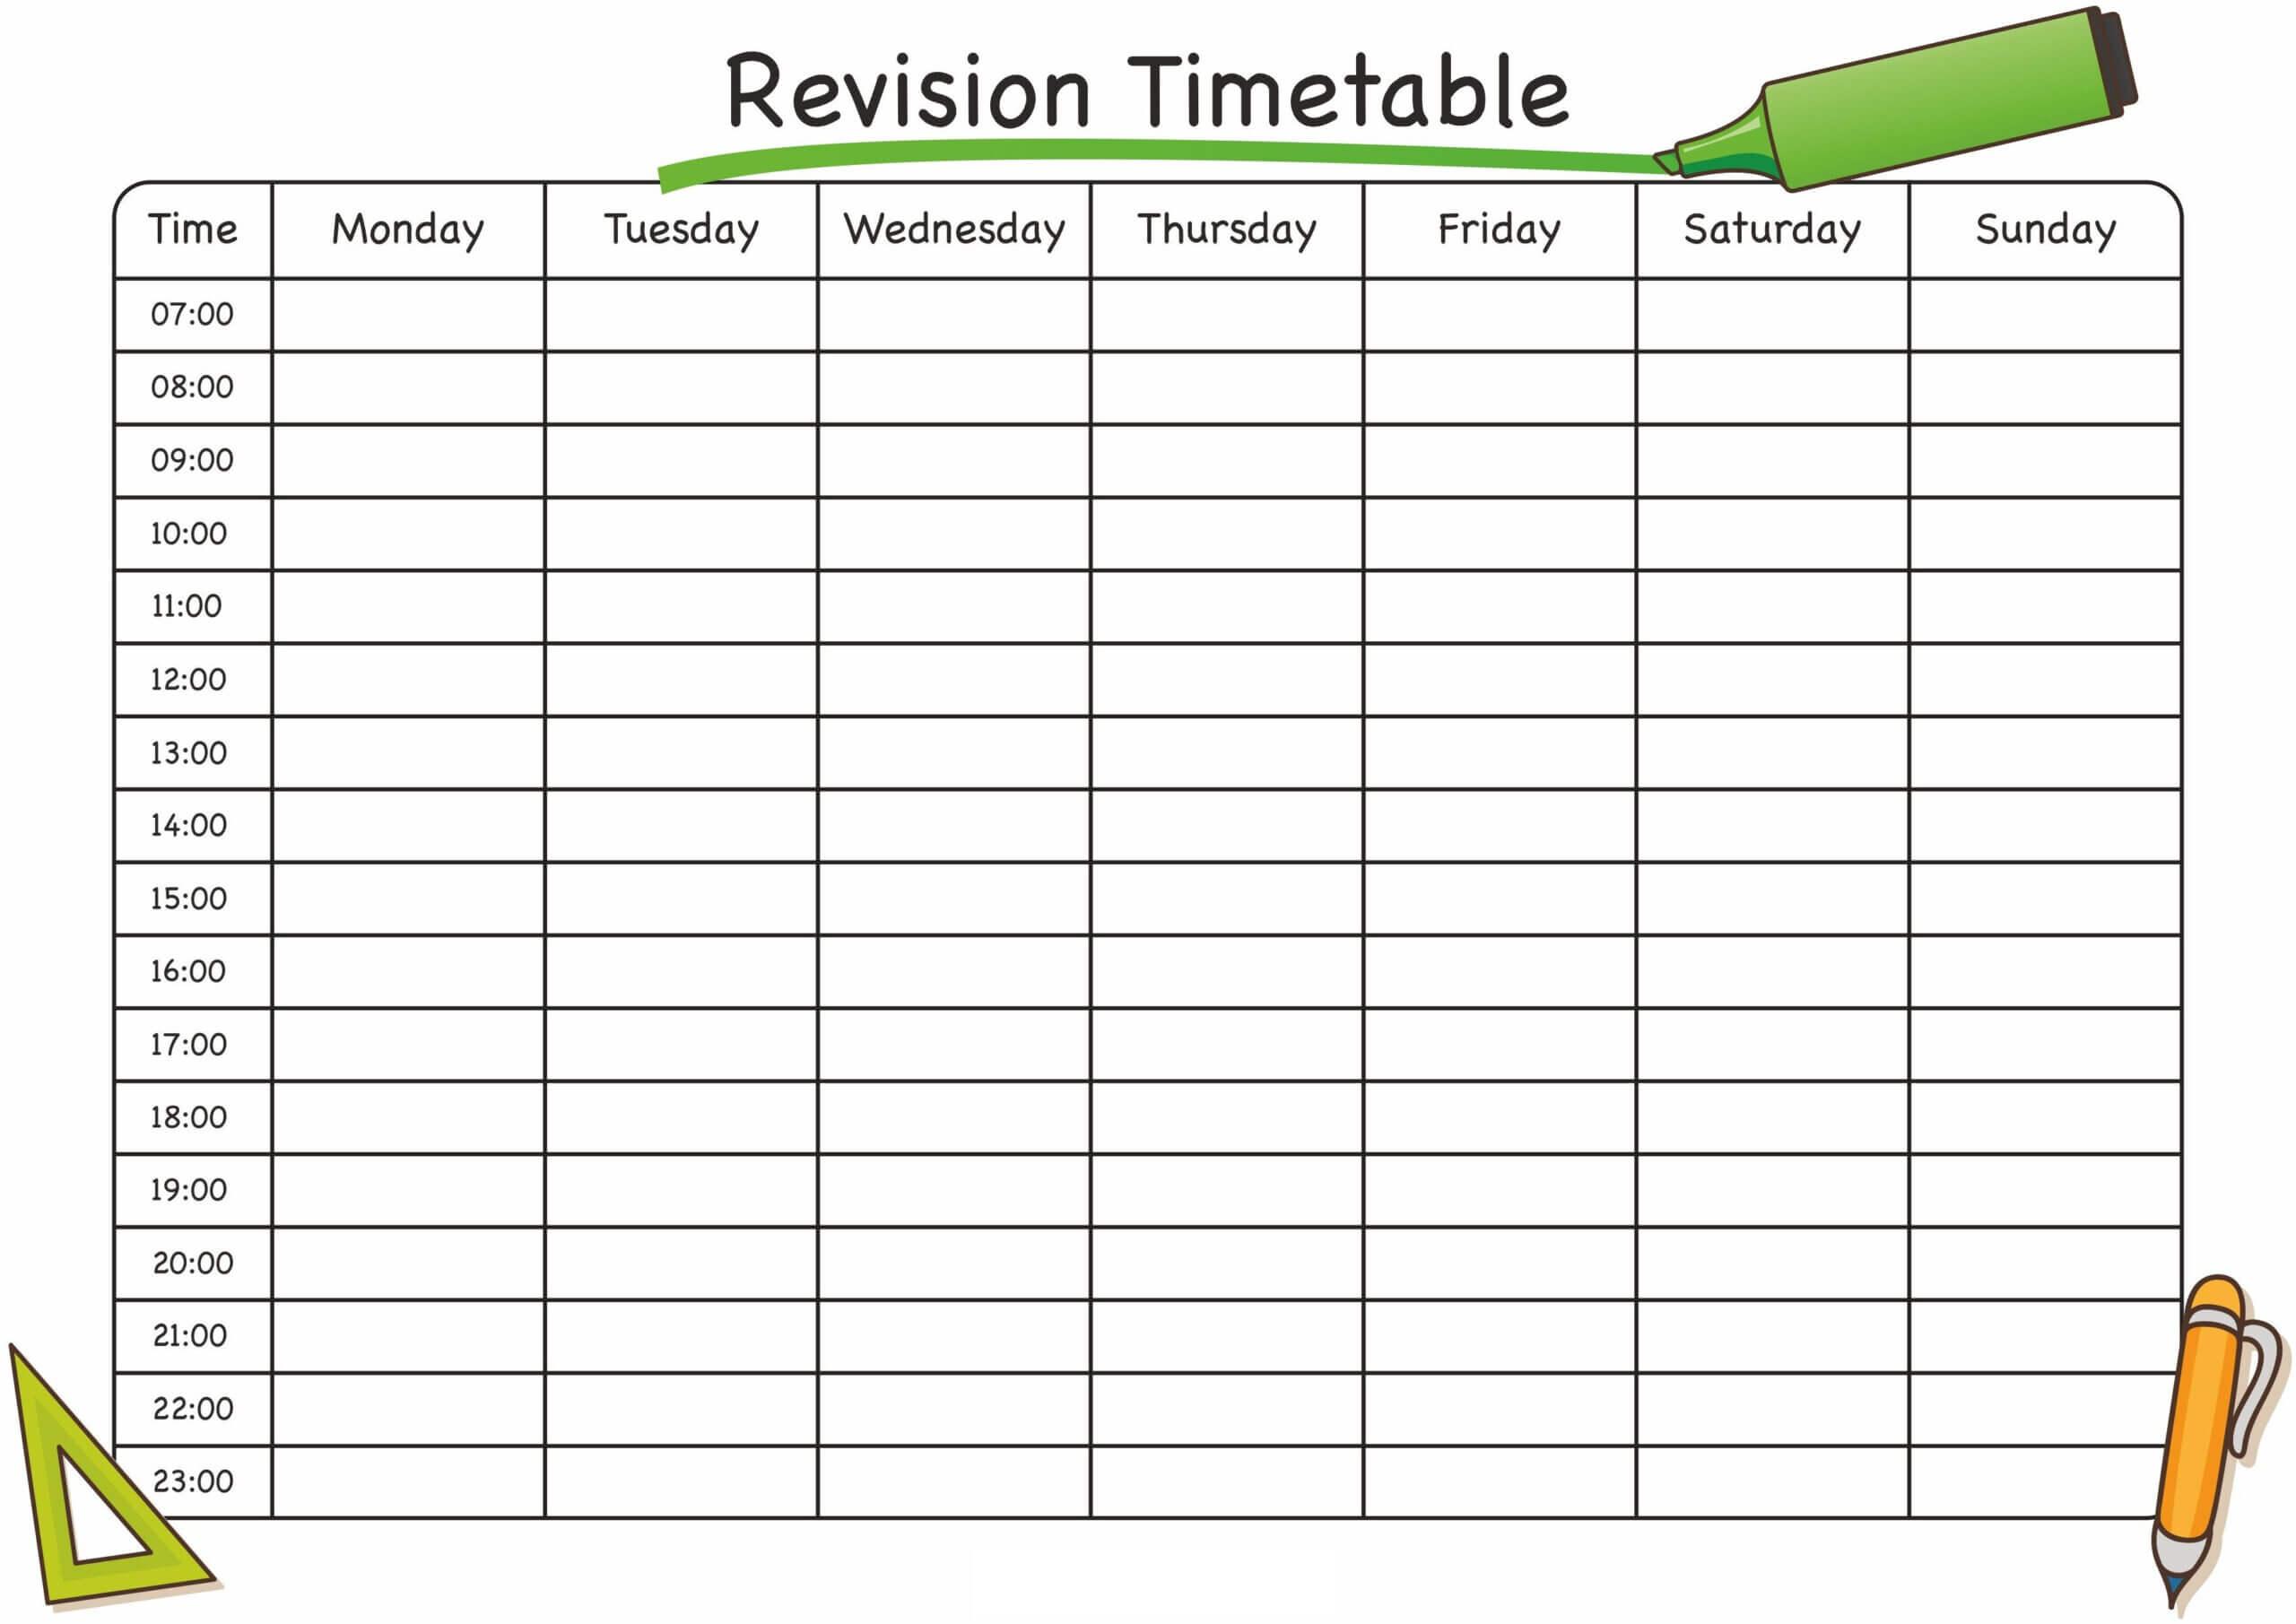 Timetable Template Free #timetabletemplateexcel | Timetable In Blank Revision Timetable Template